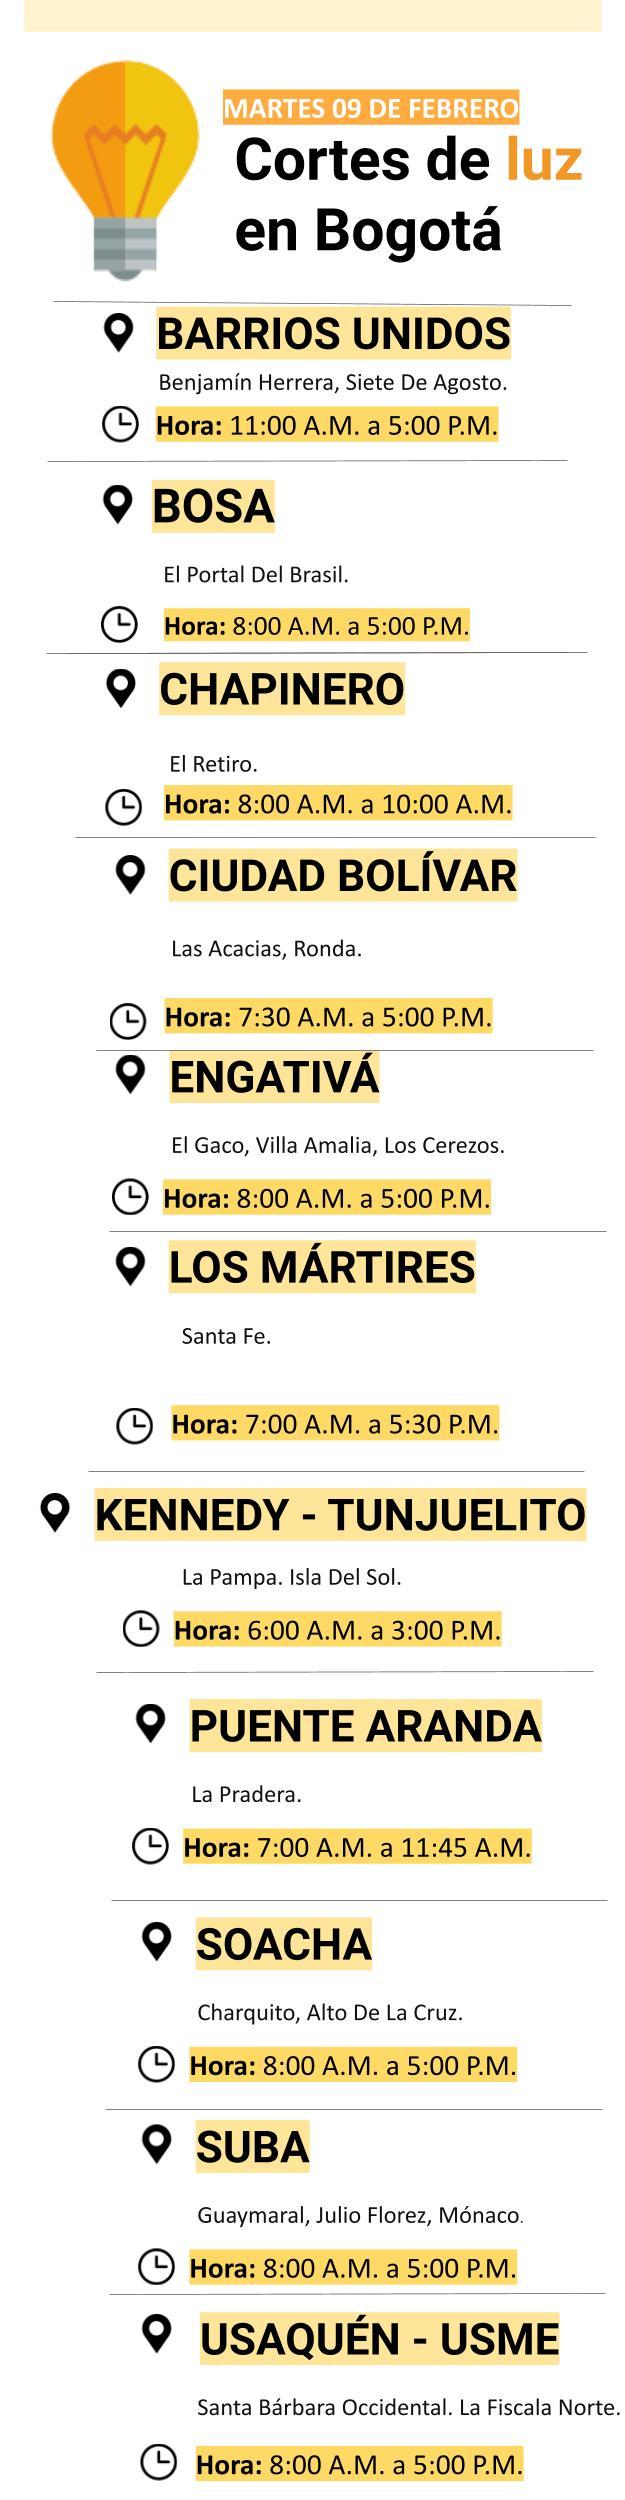 Cortes de luz para el martes 09 de febrero en Bogotá